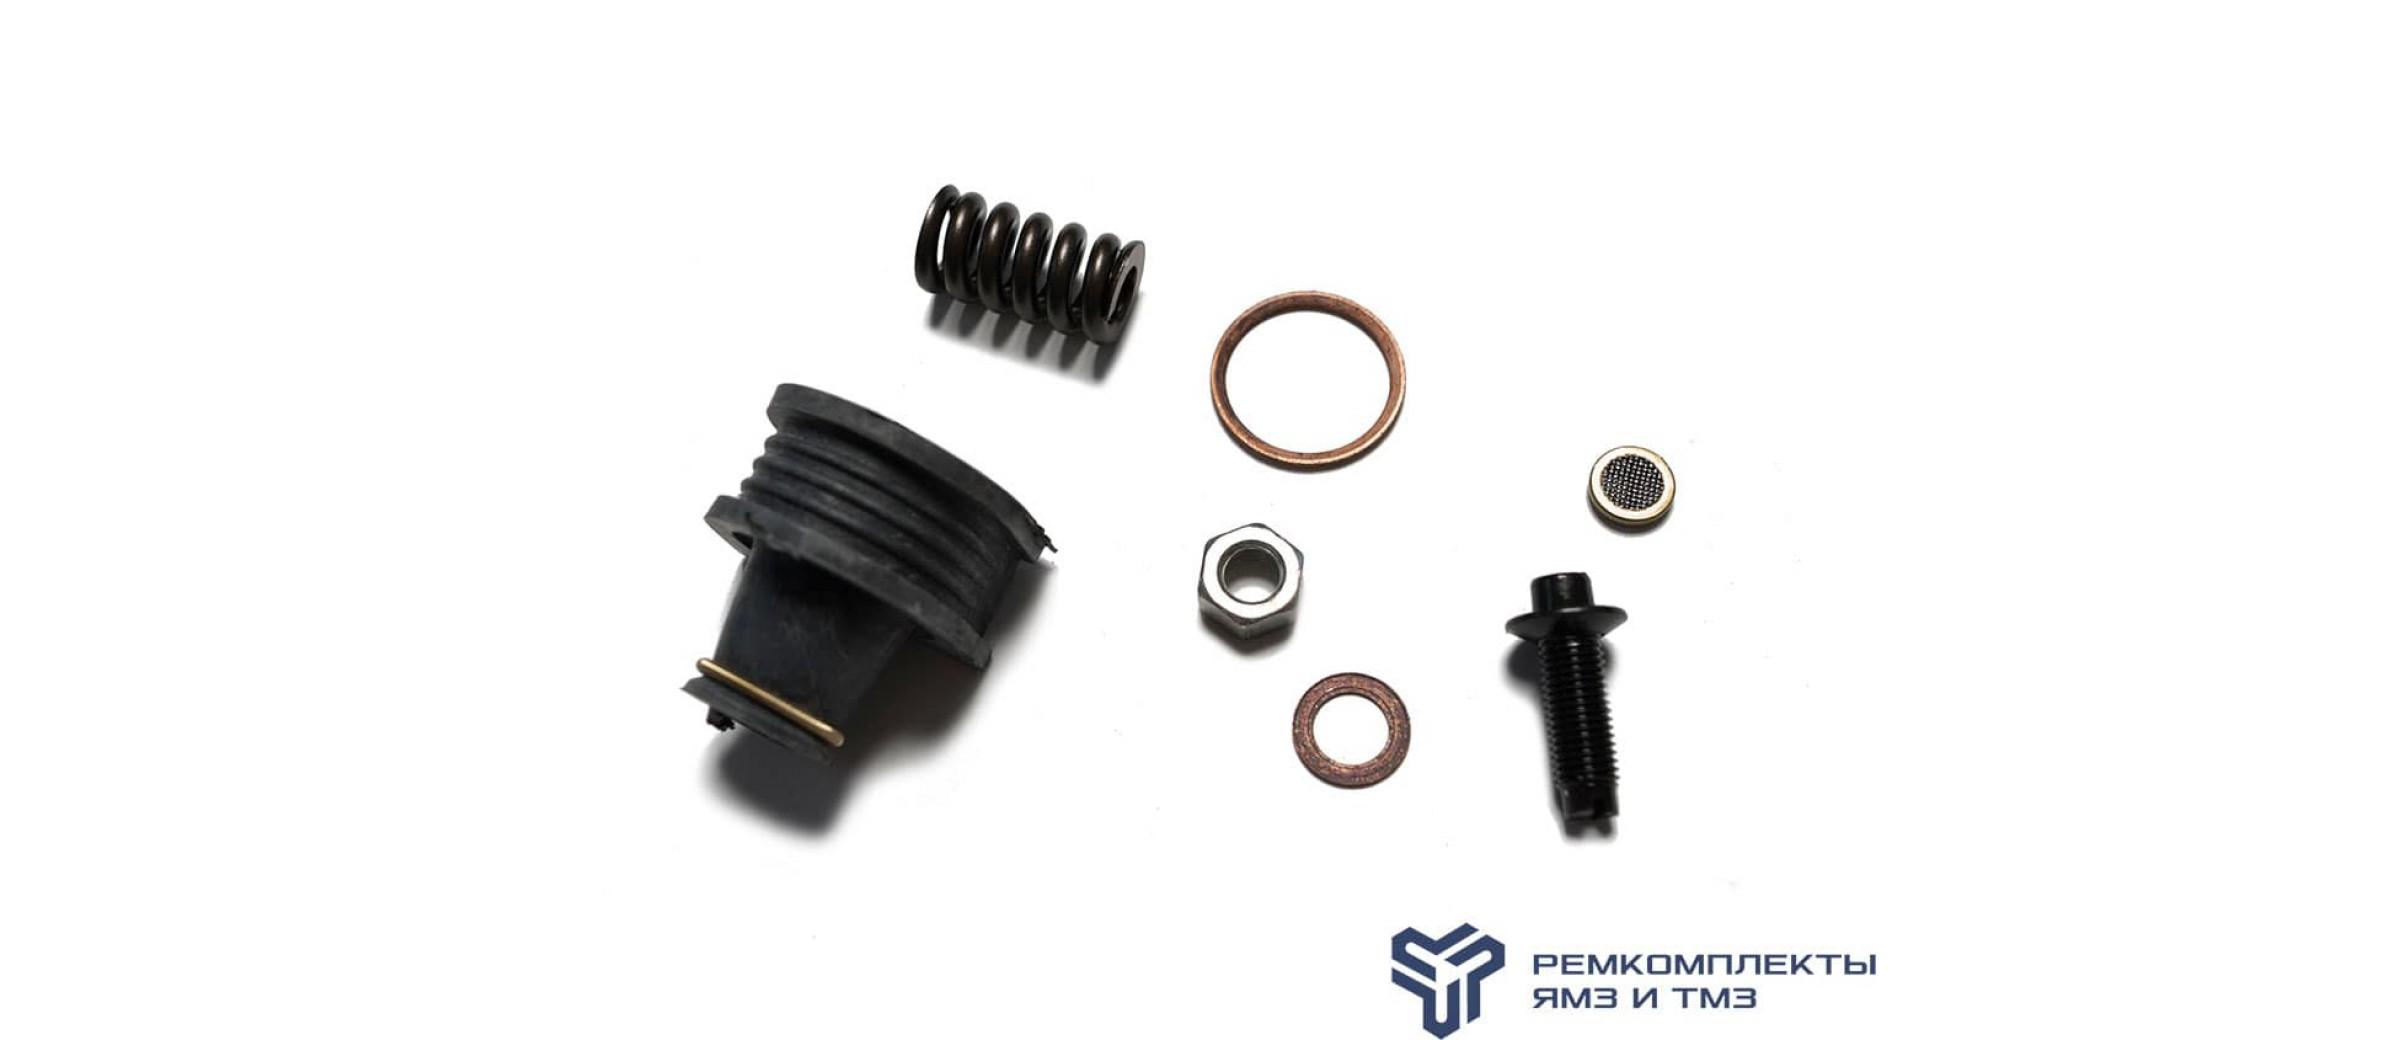 Ремкомплект форсунки  (фильтр,винт,уплотнитель,штуцер) С 2000Г.